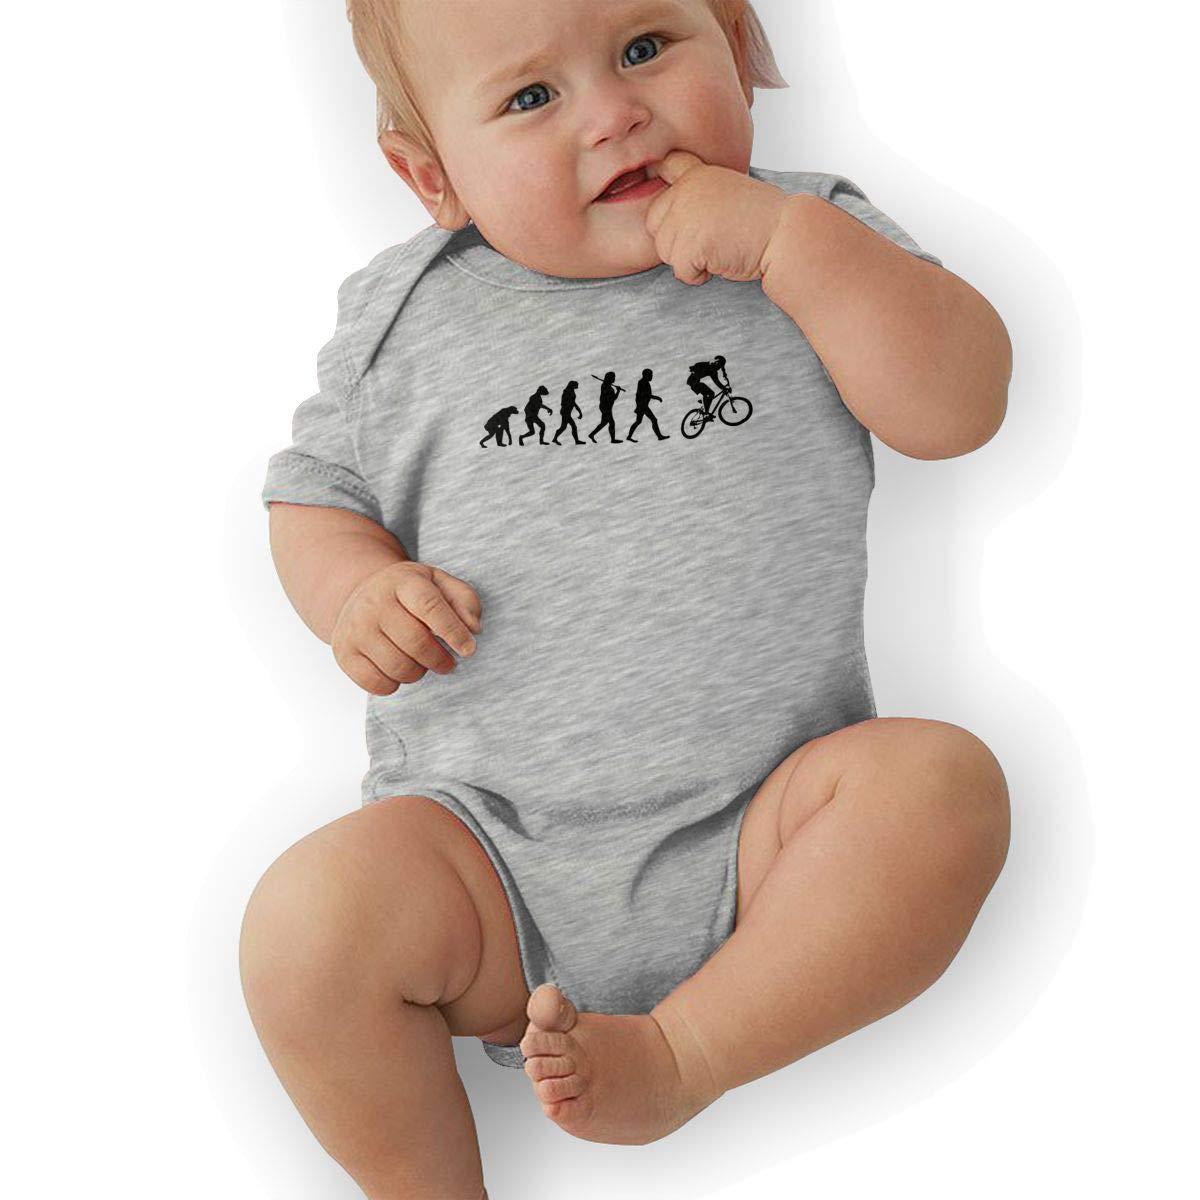 Manlee Motocross Evolution Newborn Infant Toddler Baby Girls Boys Bodysuit Short Sleeve 0-24 MonthsGray